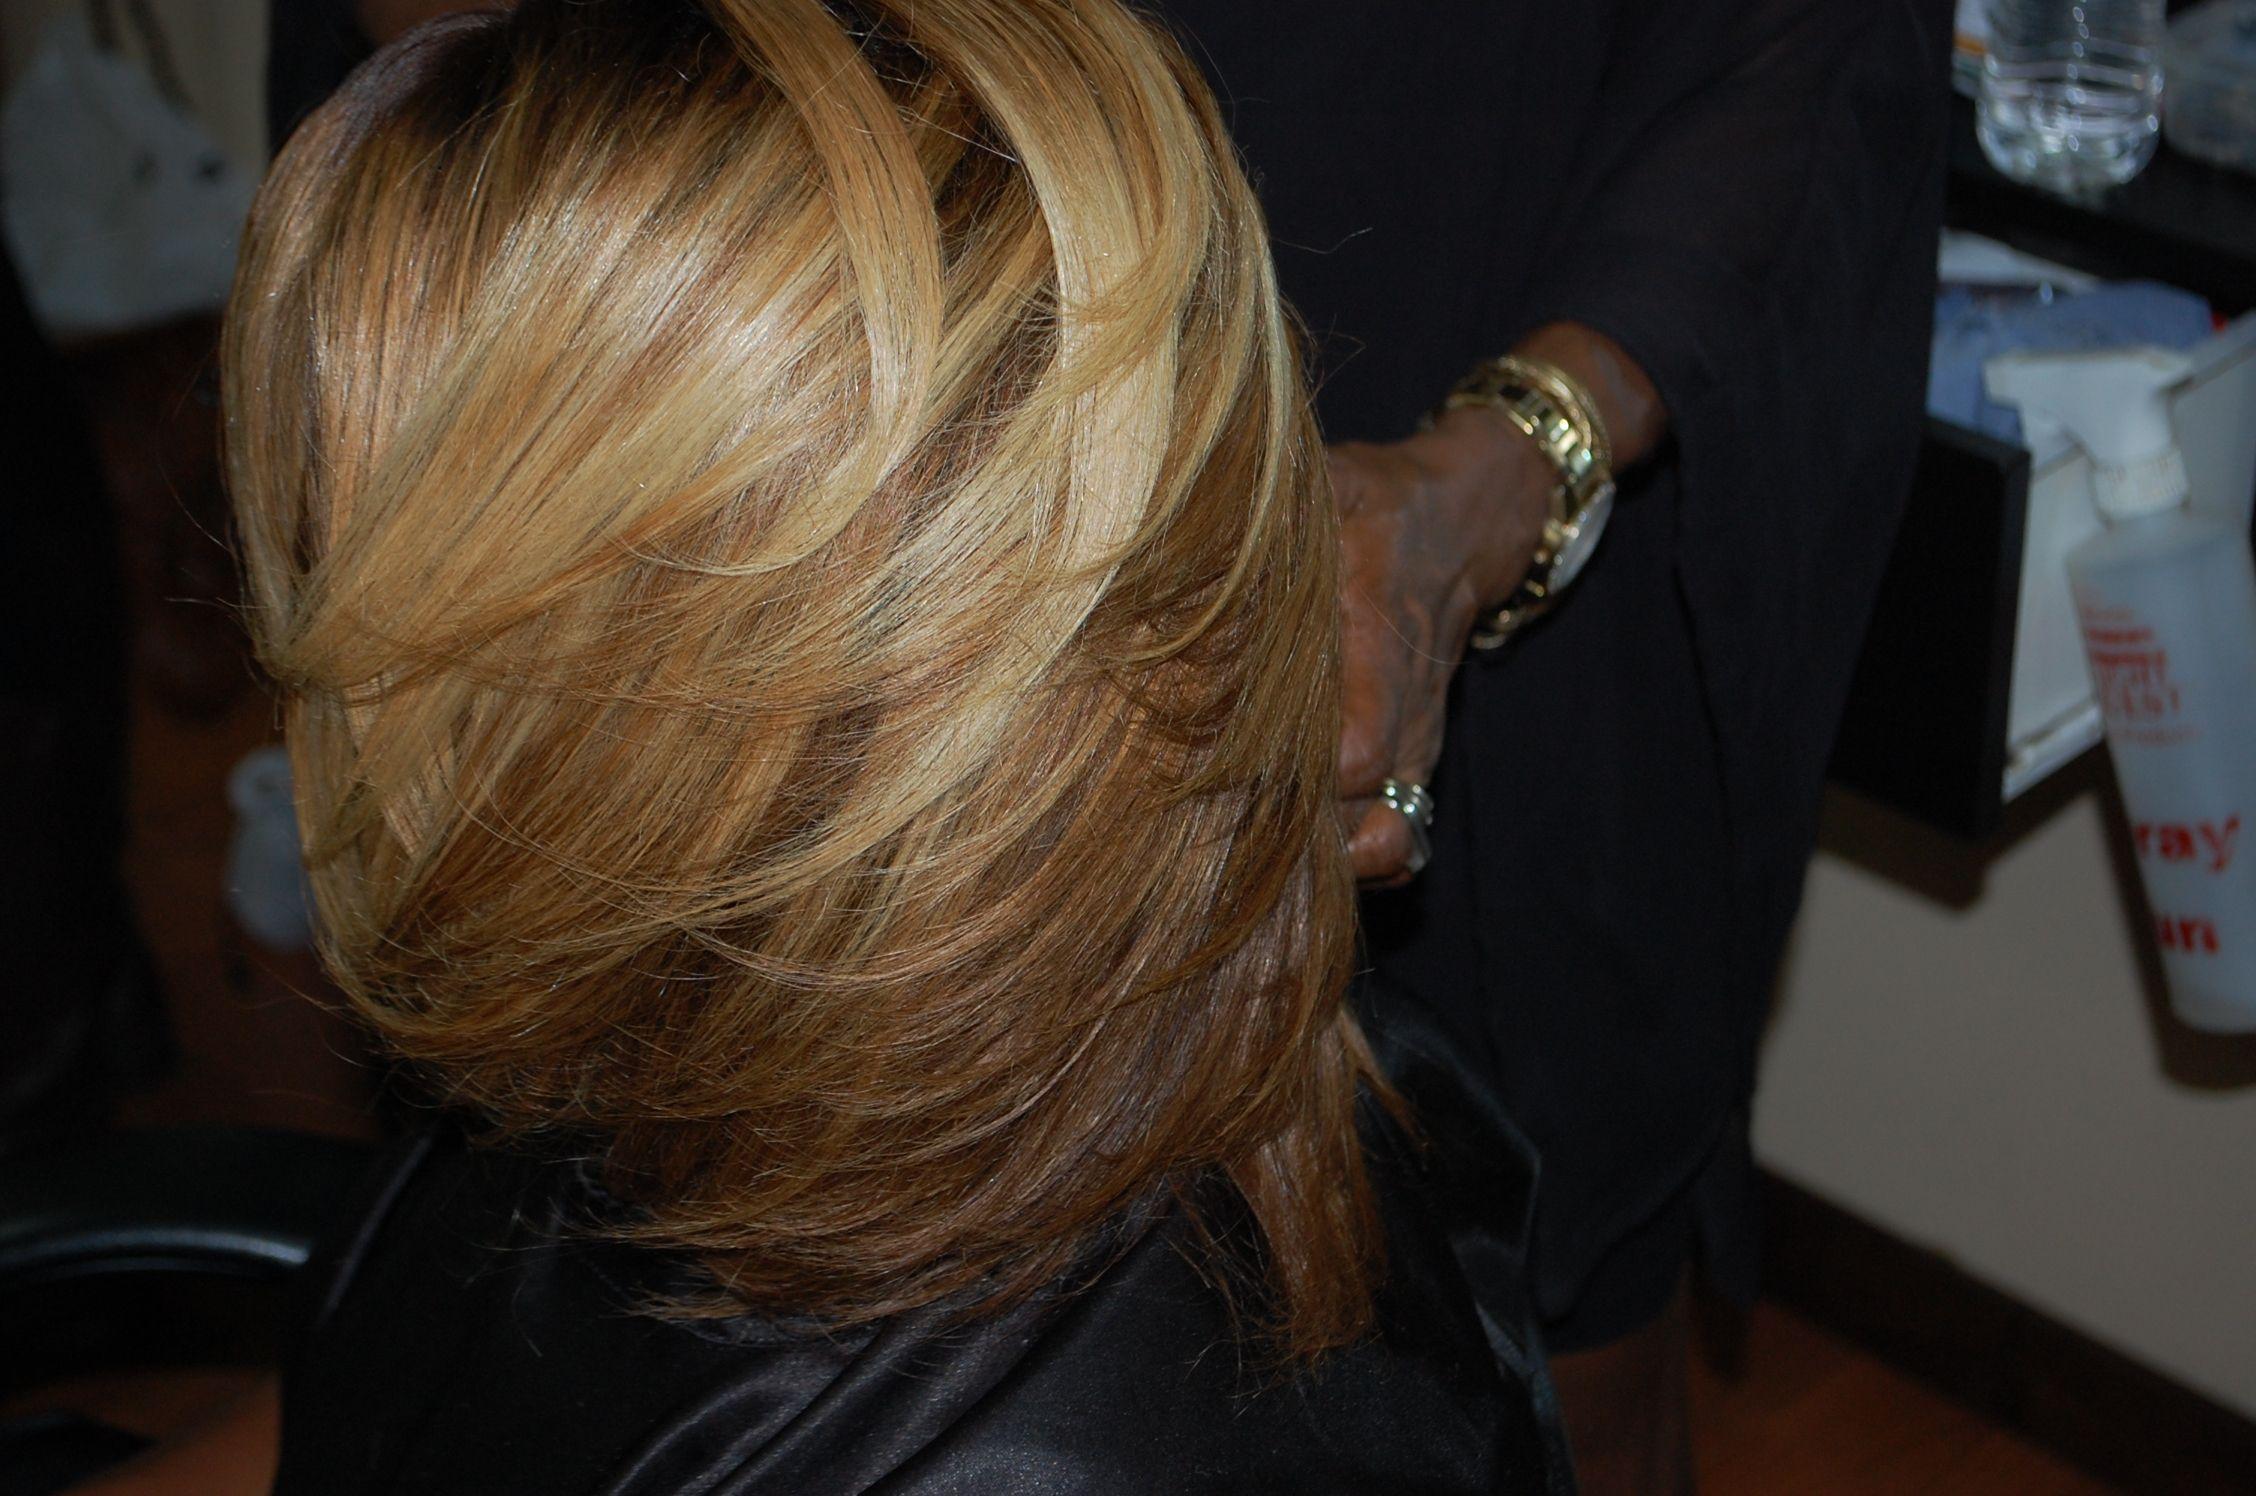 Hair Highlights Hair Salon Hair Extensions Hair Weave Salon